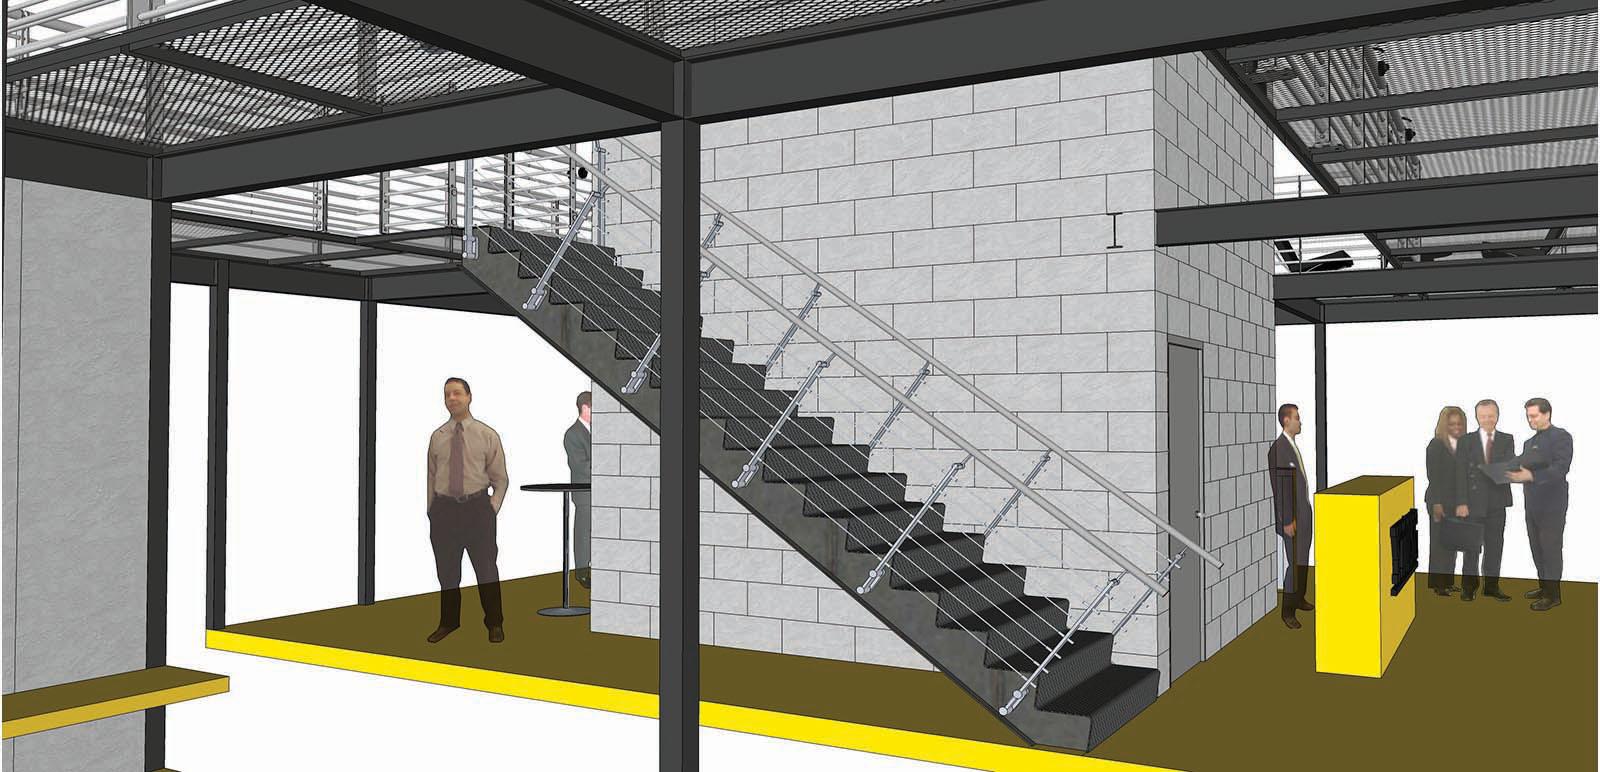 Exhibition Stand Design Competition : Apollo digital architecture